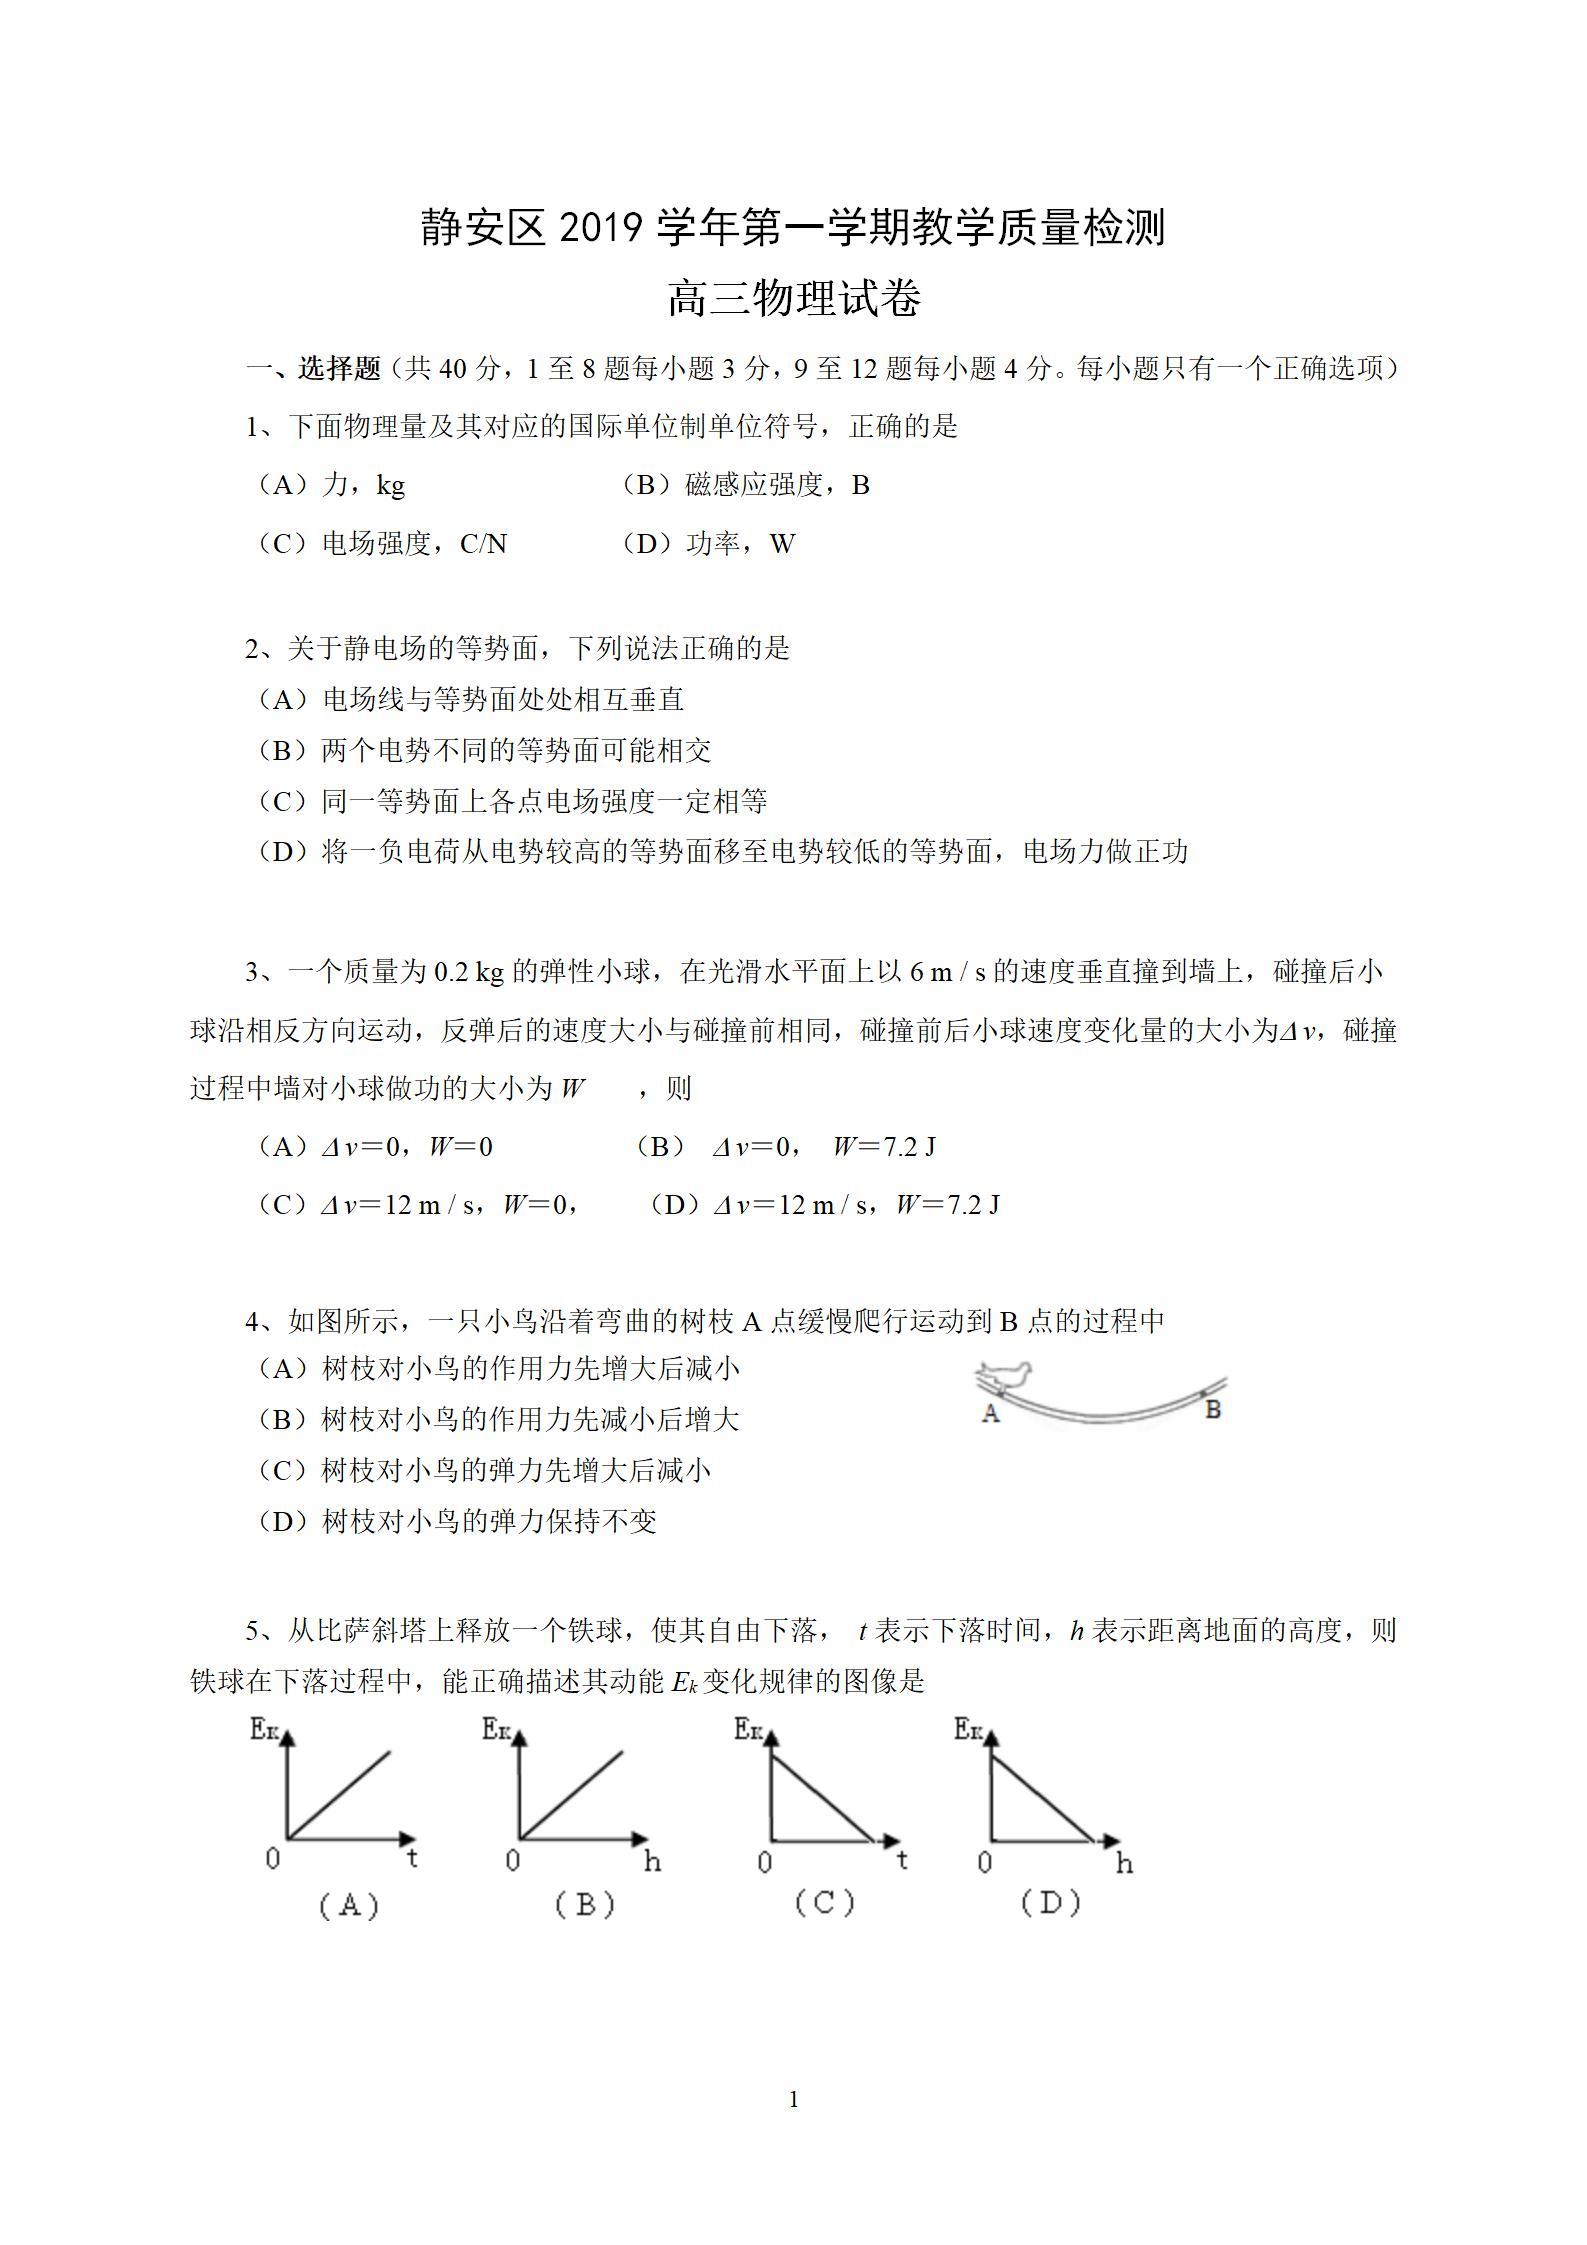 2020上海静安高三一模(期末)物理试卷答案解析